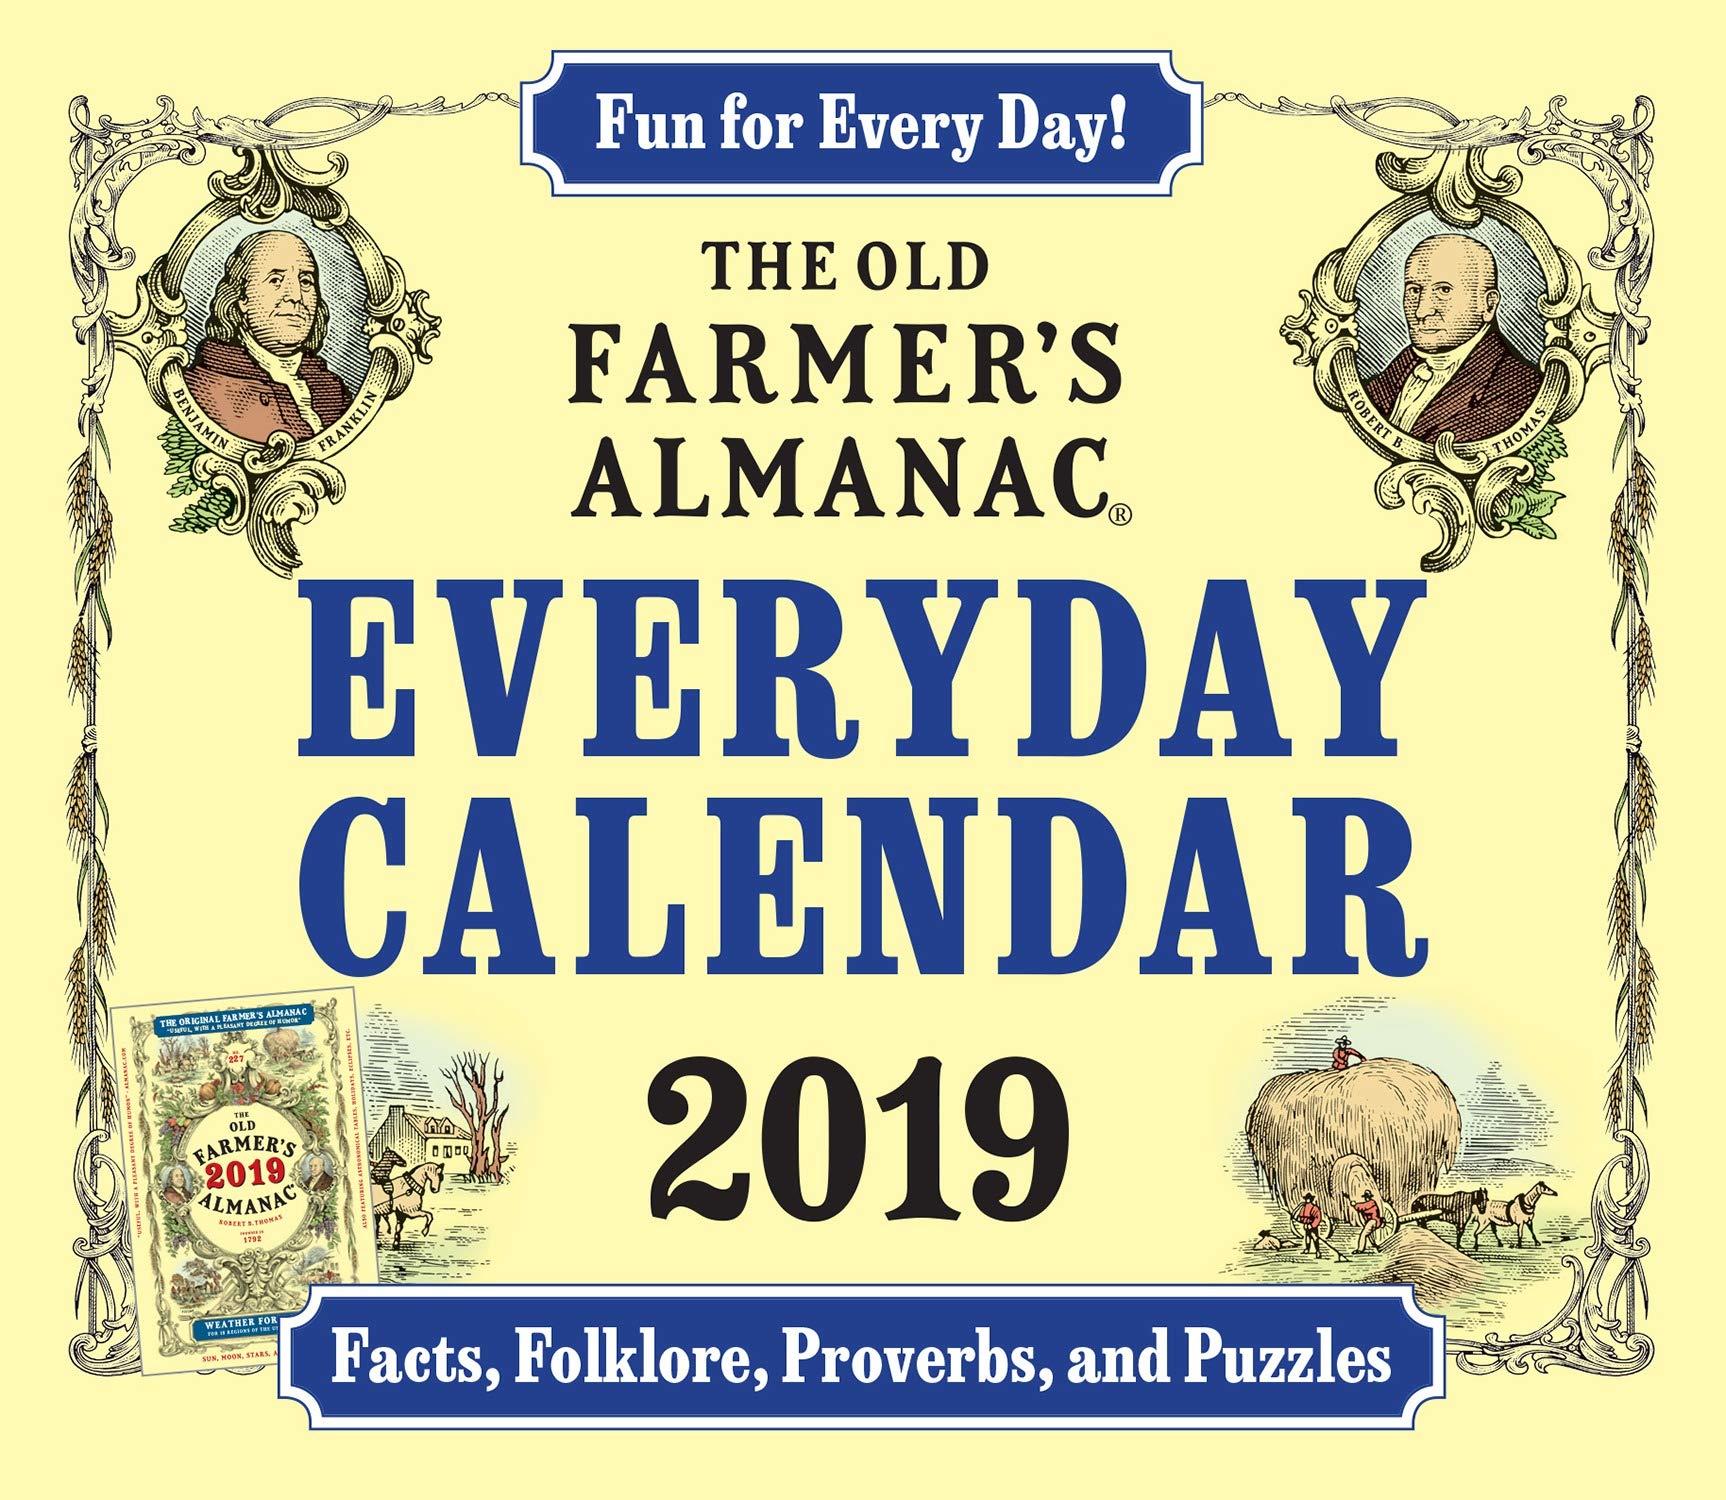 Amazon com: The Old Farmer's Almanac 2019 Everyday Calendar